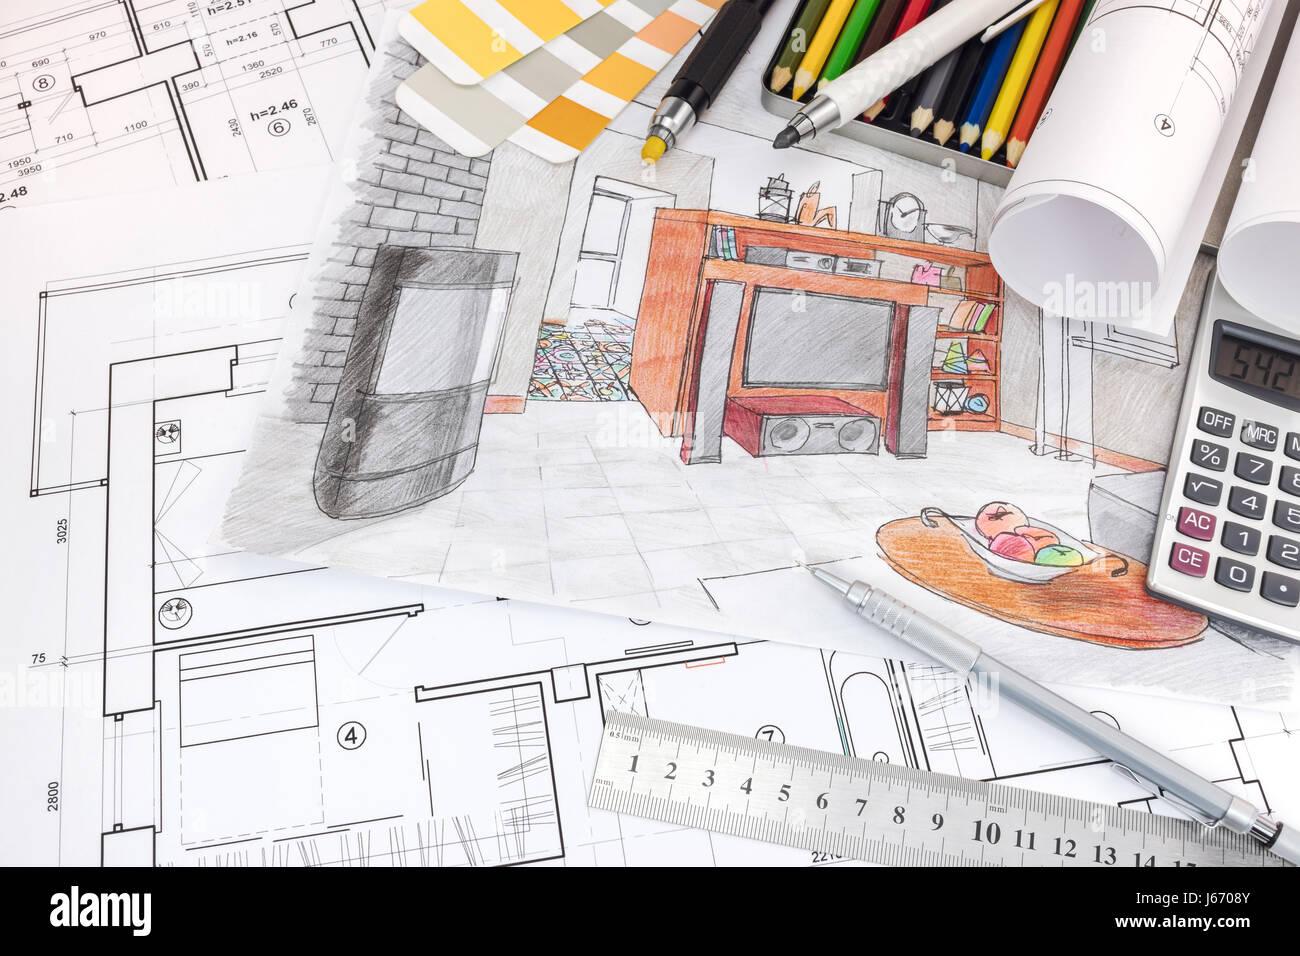 Interior Designer Arbeitsplatz Mit Skizzen Von Wohnung Und Zeichnung Tools Stockbild